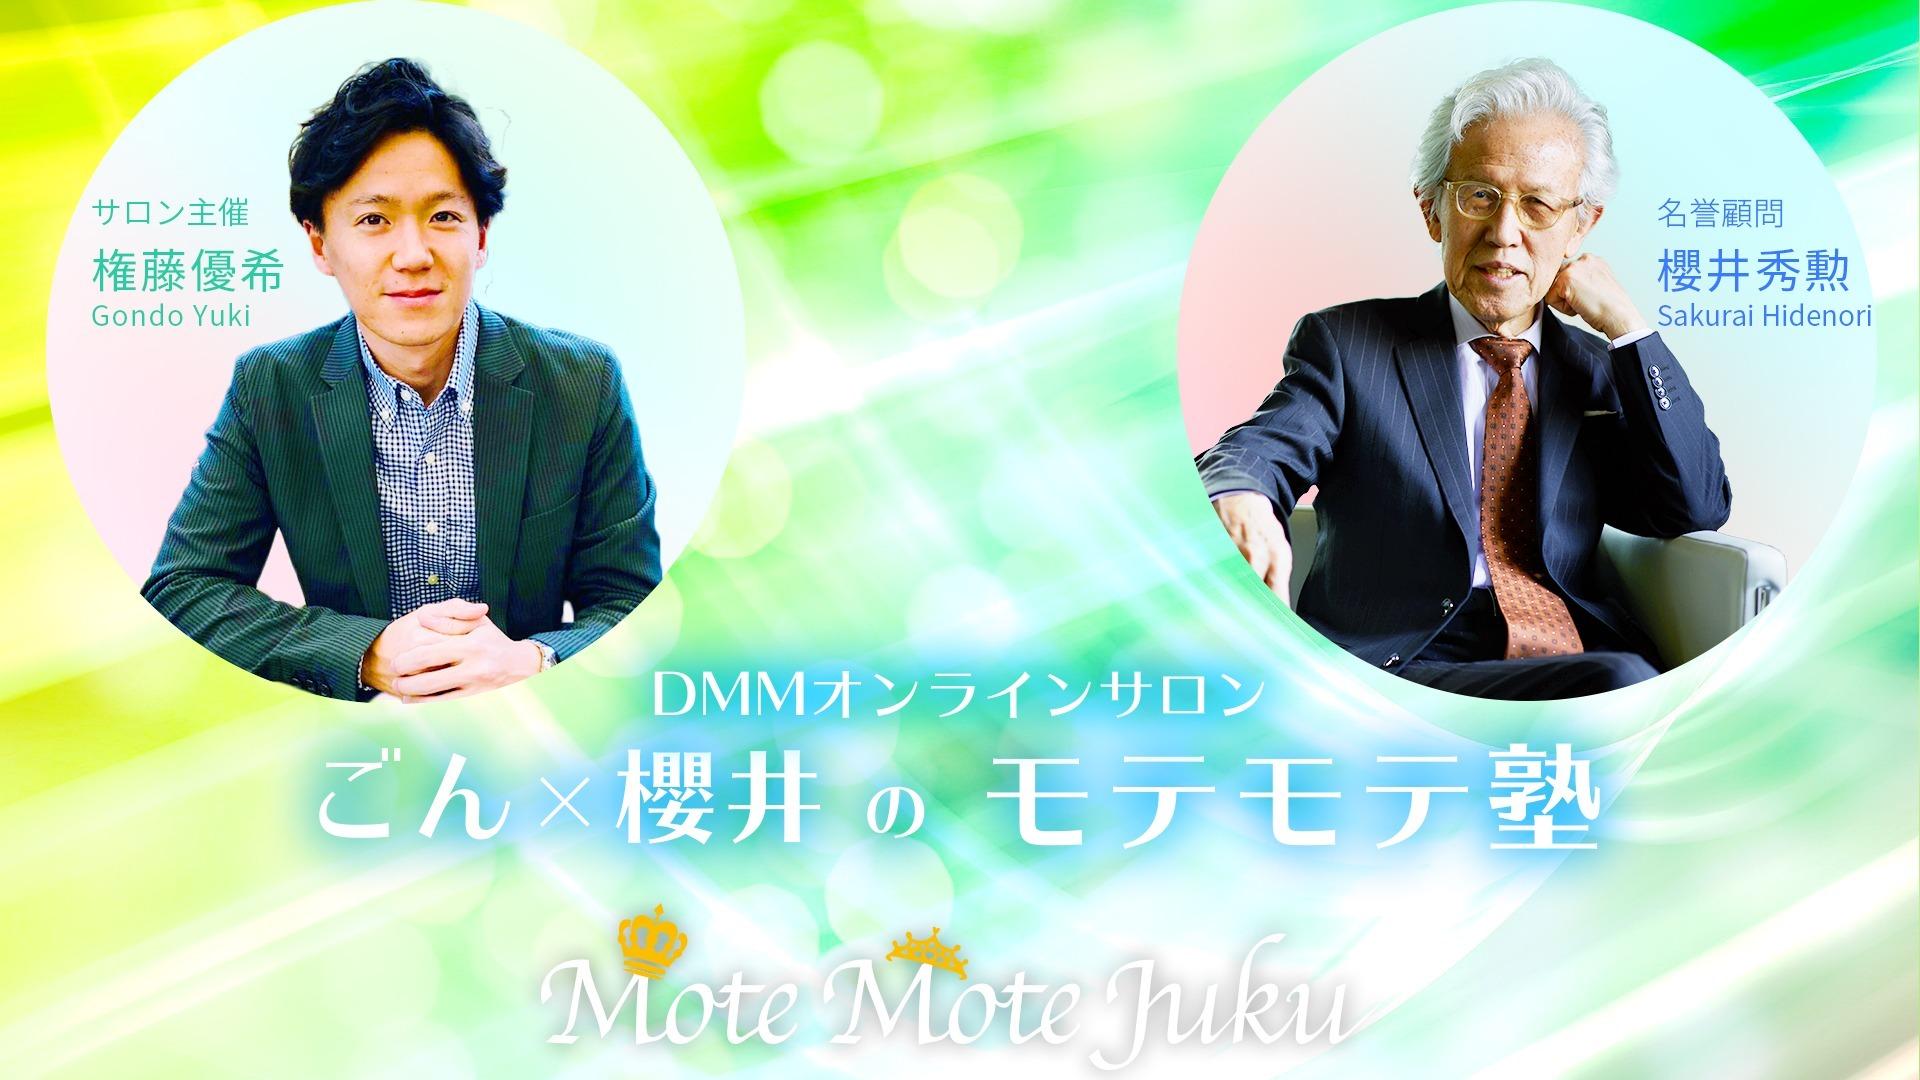 権藤優希 櫻井秀勲 - ごん×櫻井のモテモテ塾 - DMM オンラインサロン